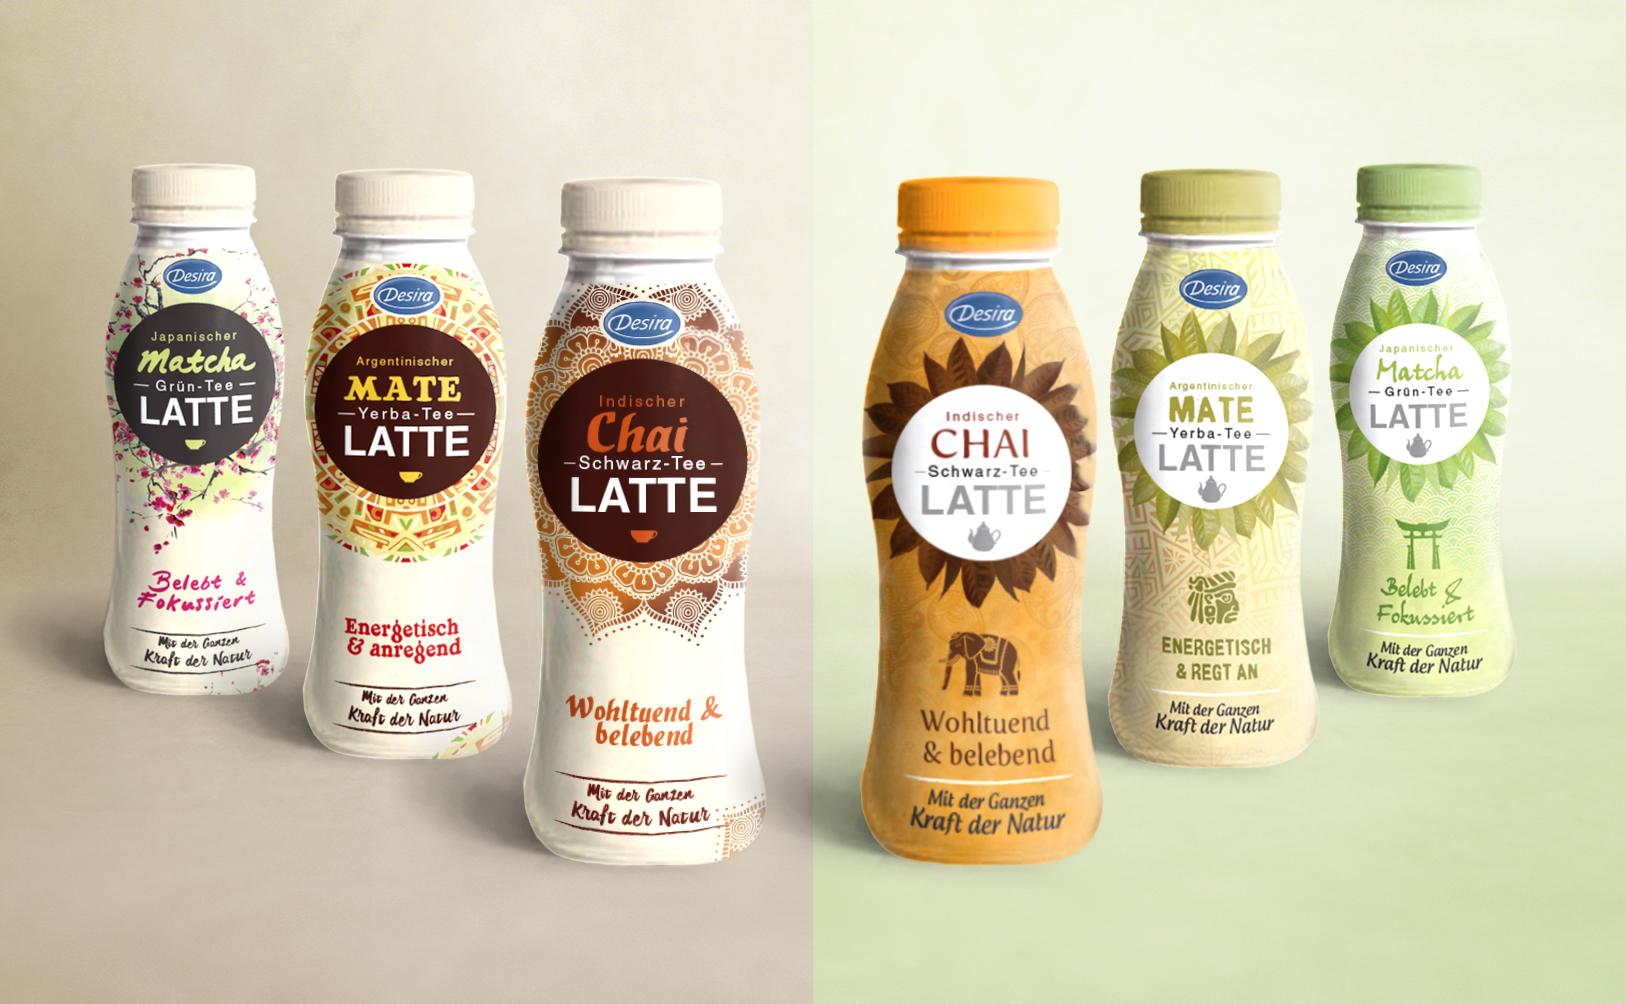 Concept design packaging - deux versions de thé latte